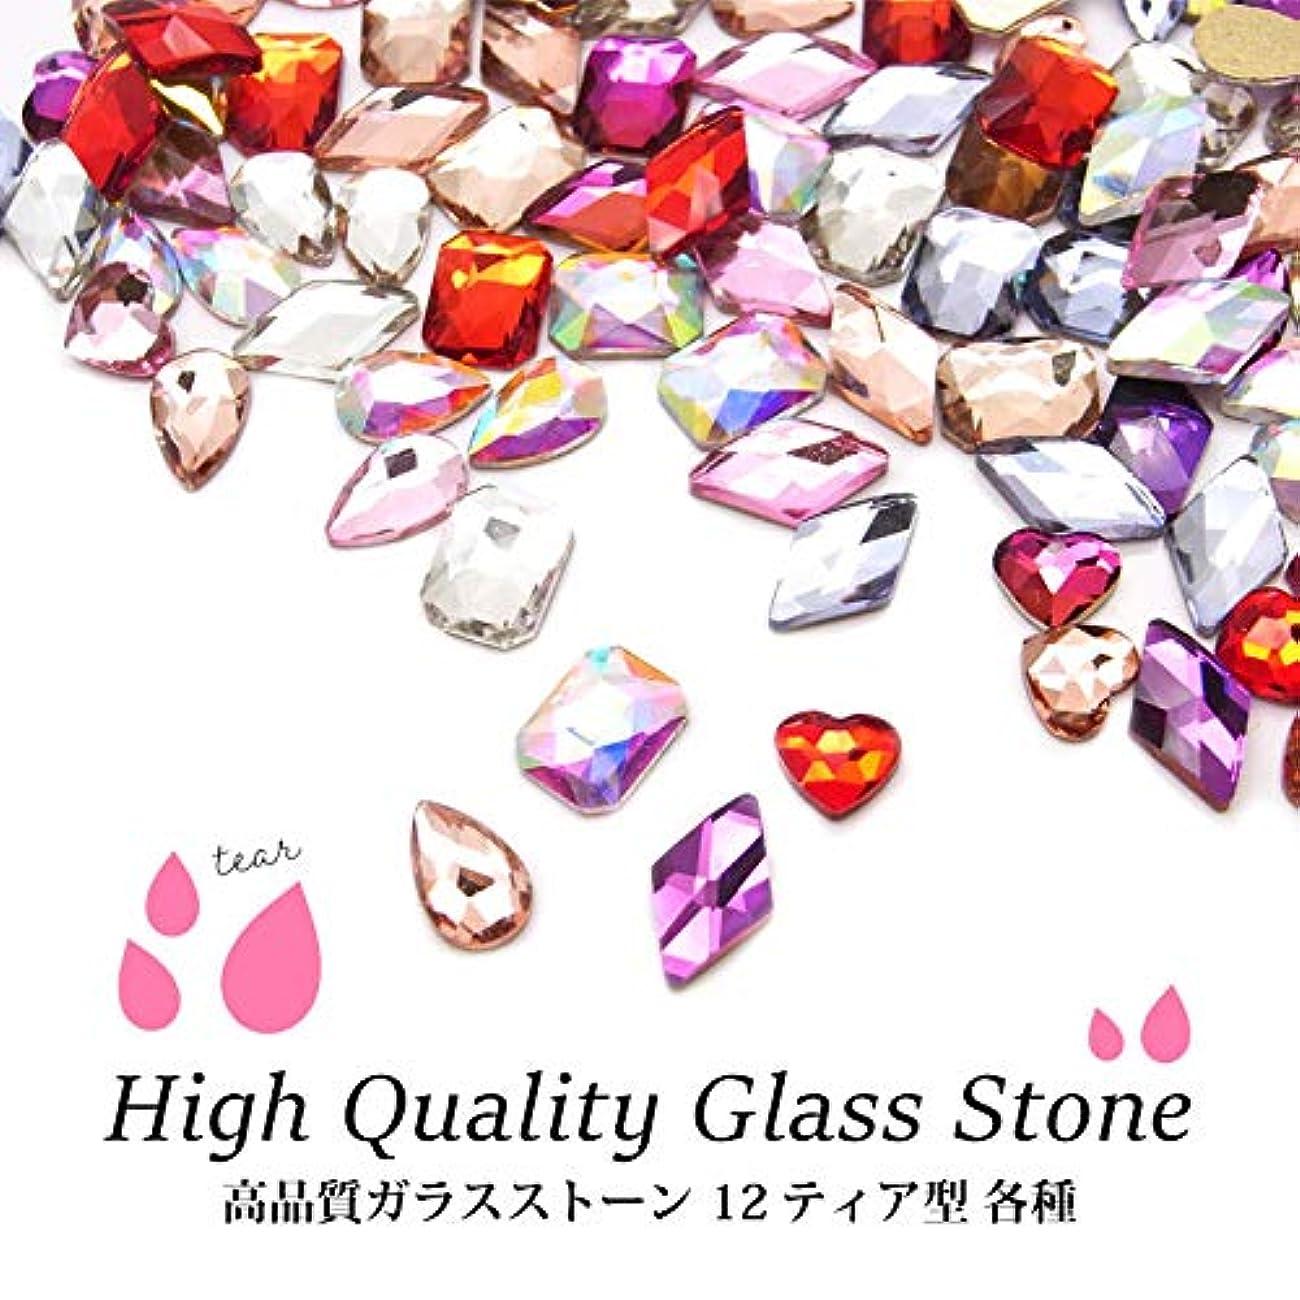 フィクション感謝祭使い込む高品質ガラスストーン 12 ティア型 各種 5個入り (6.ライトローズ)